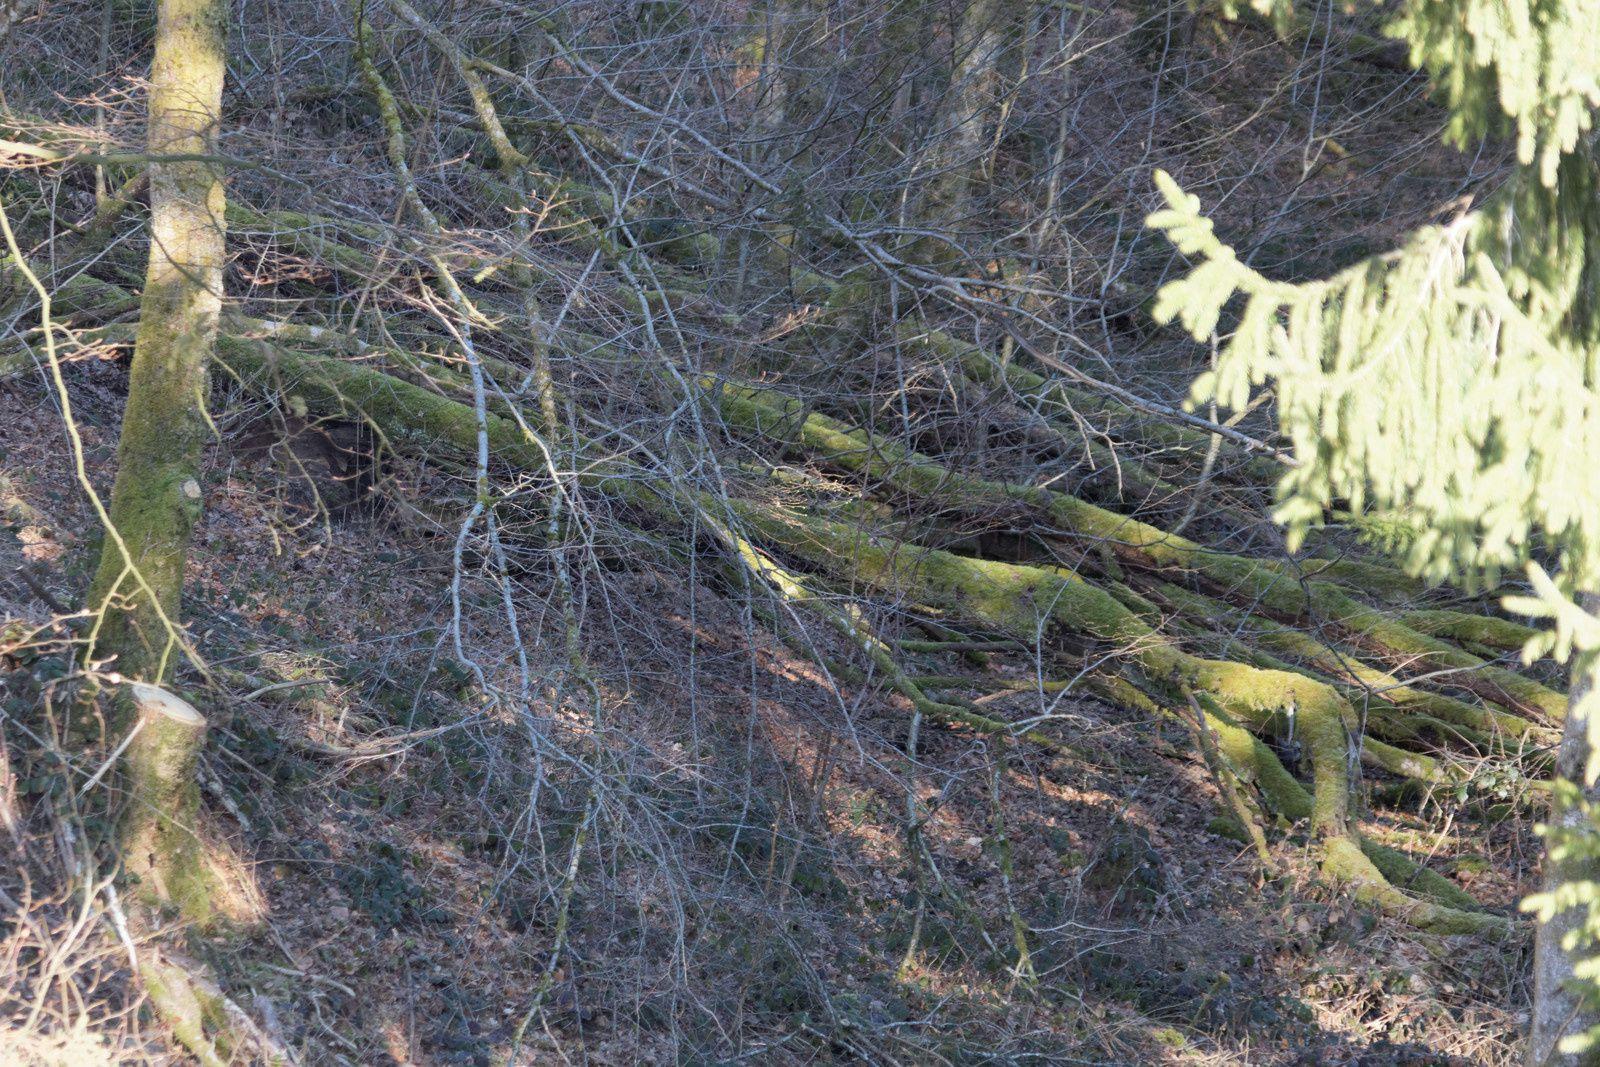 171 - Chaumeçon en pleine forêt : 5&6 avril 2015